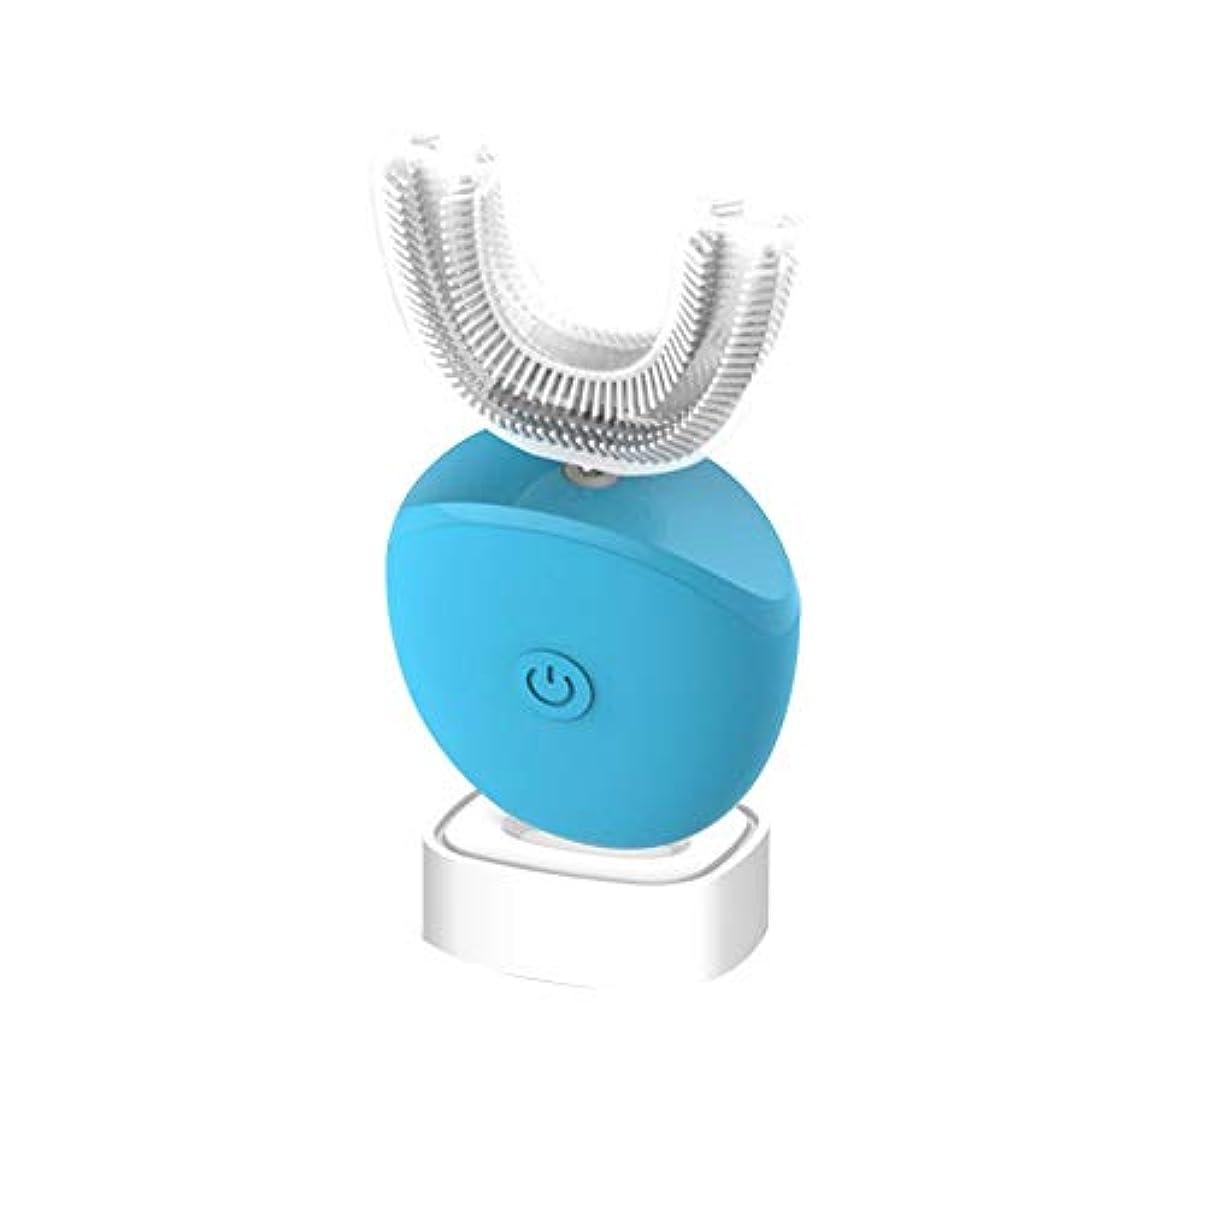 スノーケル摂動犯罪フルオートマチック可変周波数電動歯ブラシ、自動360度U字型電動歯ブラシ、ワイヤレス充電IPX7防水自動歯ブラシ(大人用),Blue